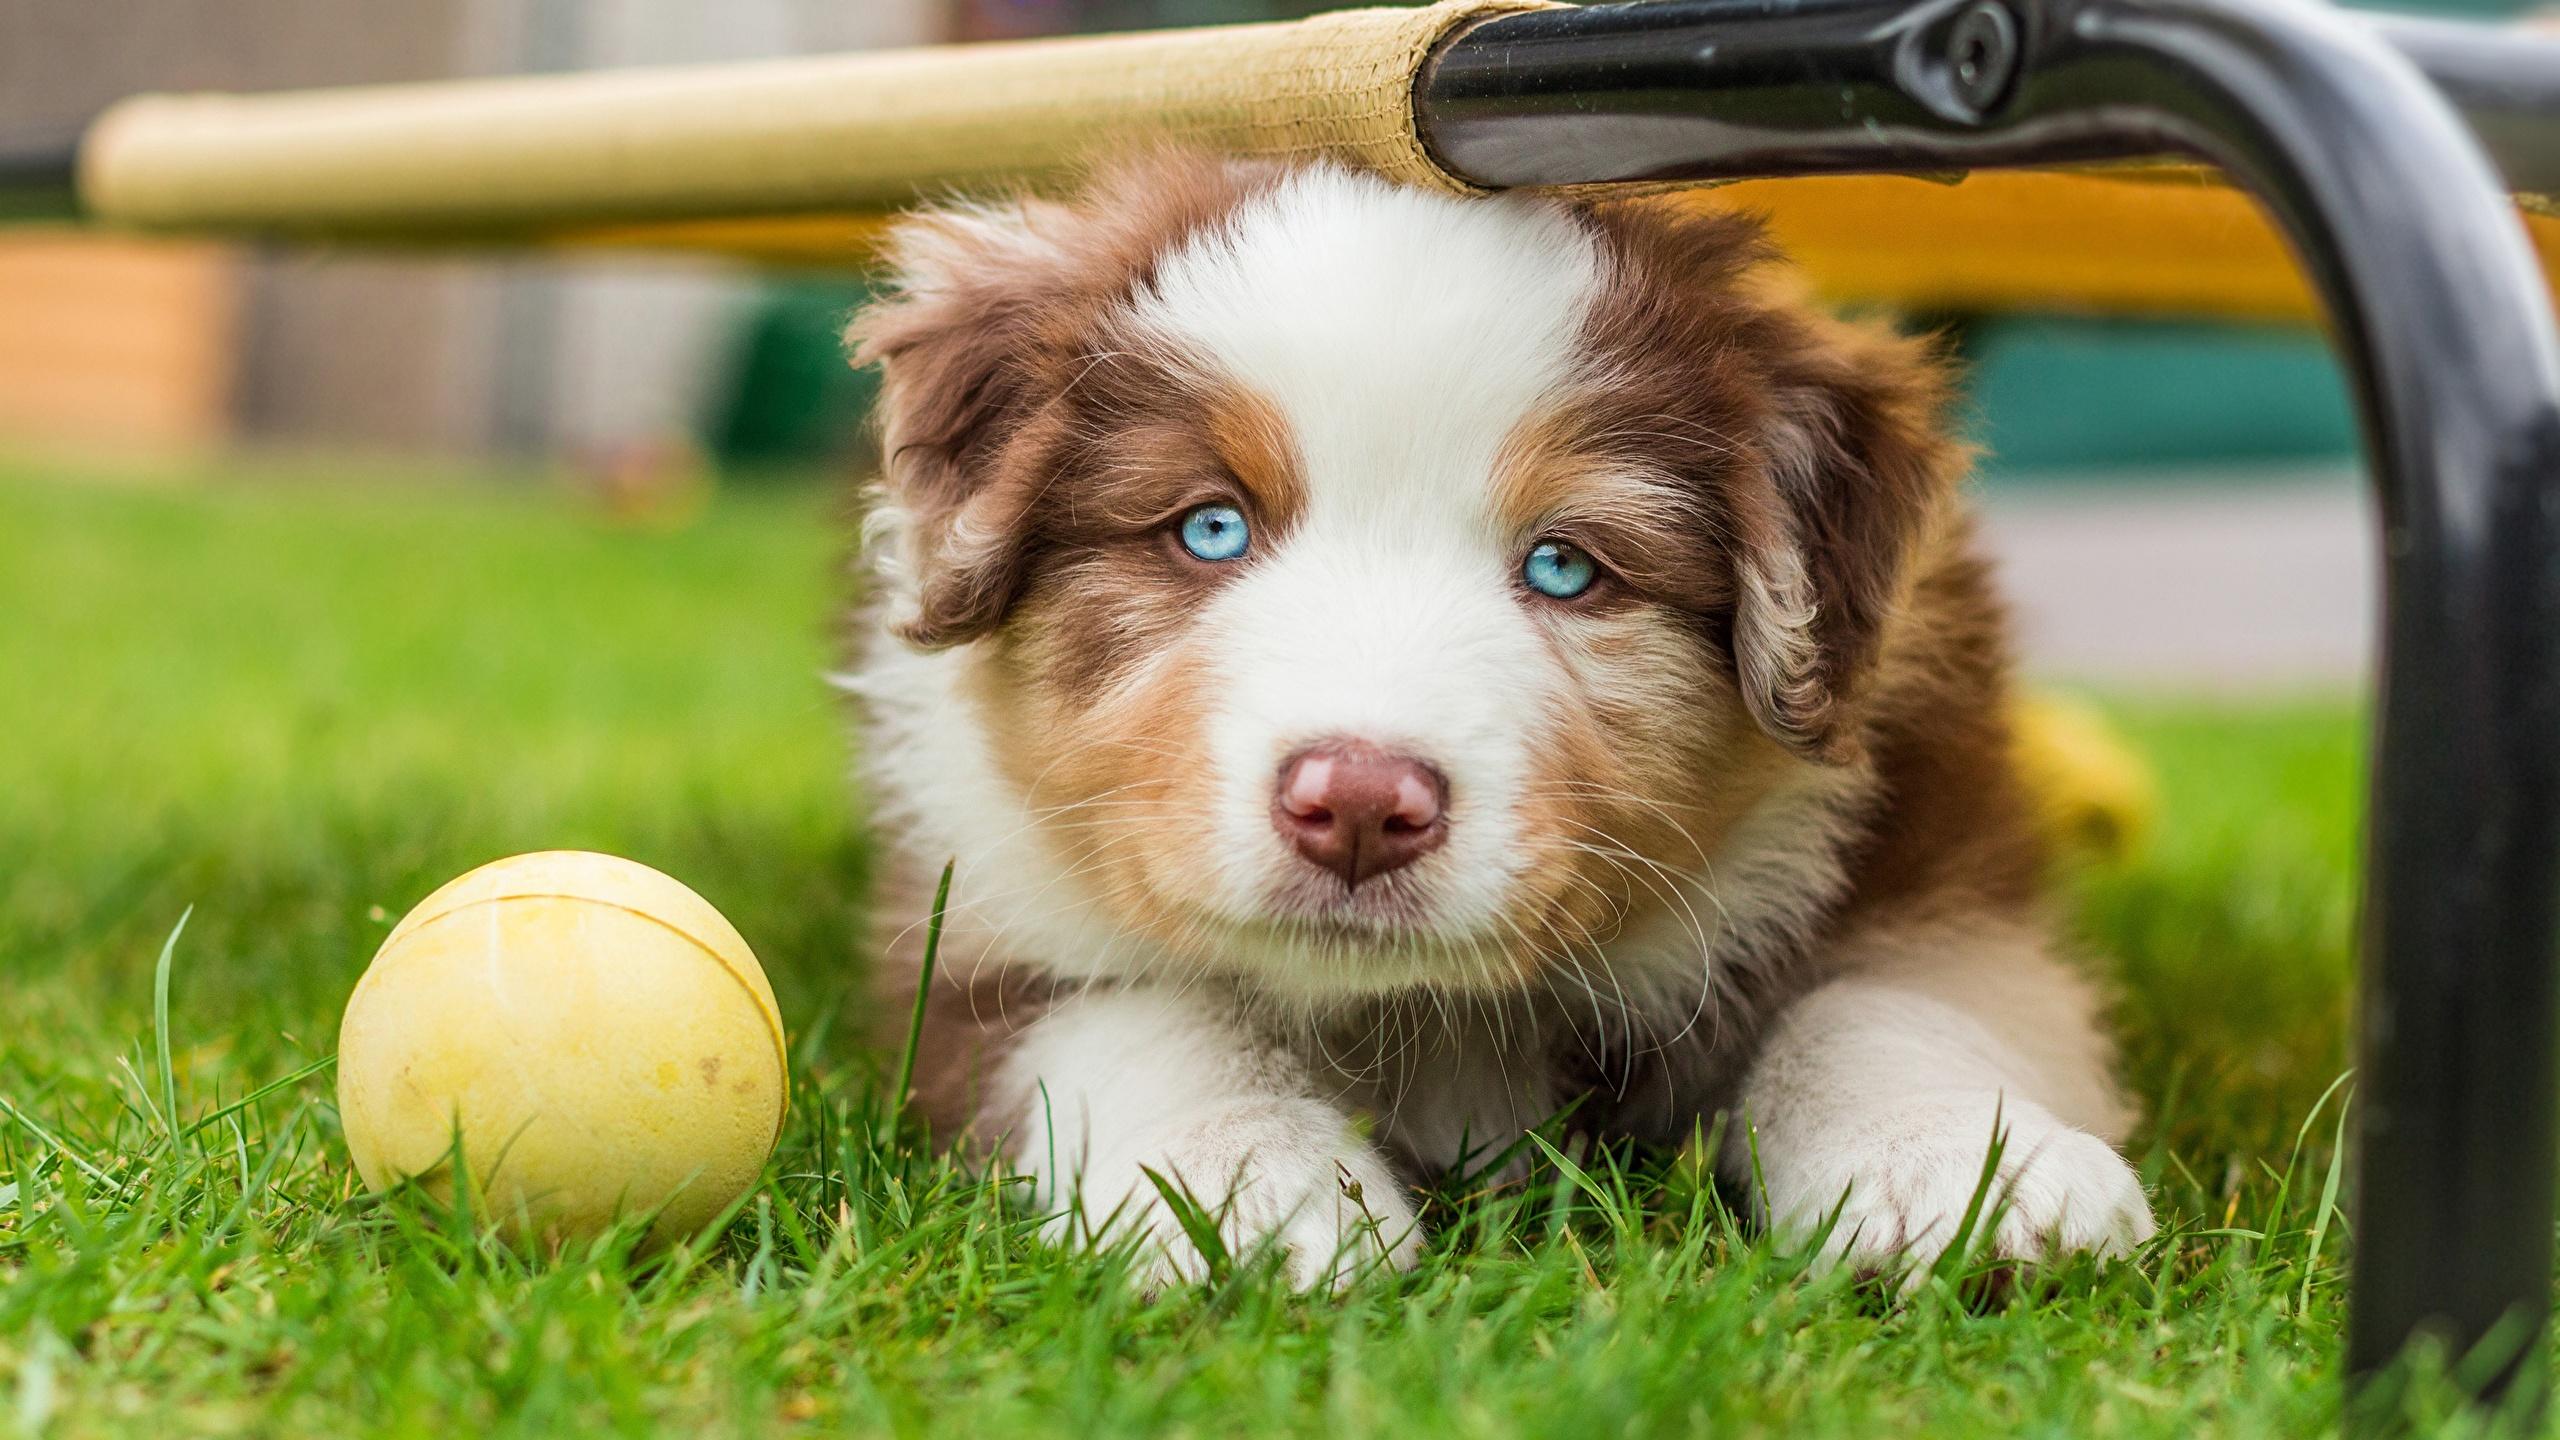 Pictures Puppies Aussie Dog Dogs Pretty Grass Glance 2560x1440